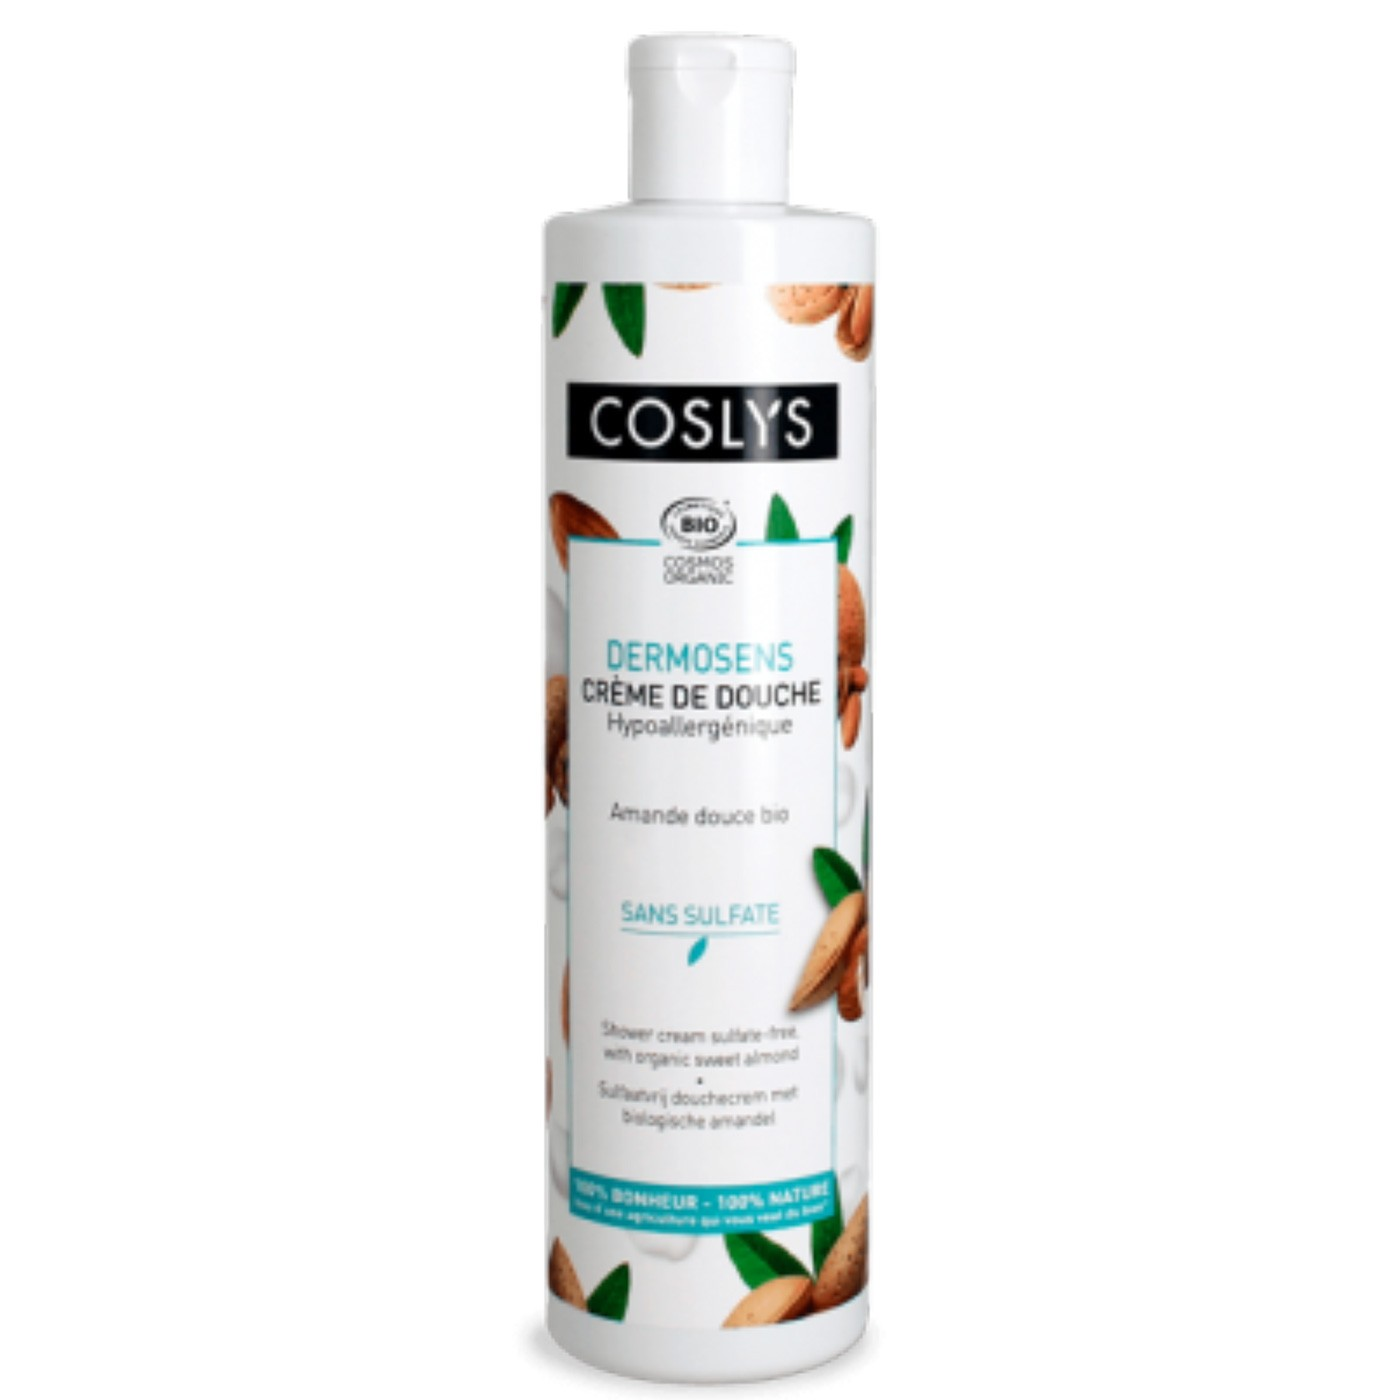 Crema de ducha sin sulfatos con almendra Coslys DERMOSENS 380ml